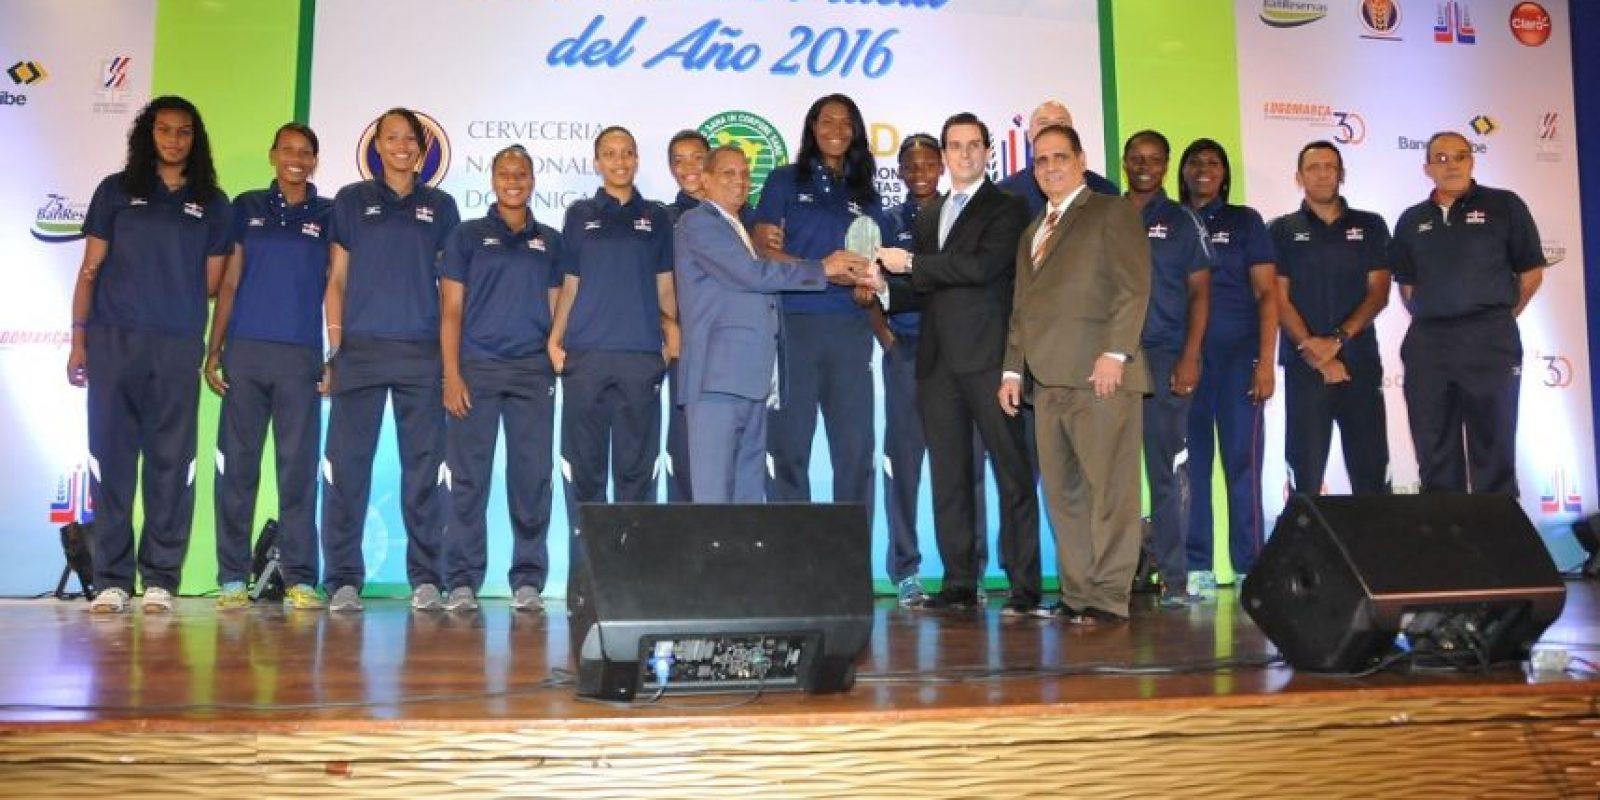 El equipo de voleibol femenino sub-20 fue reconocido. Foto:Roberto Guzmán